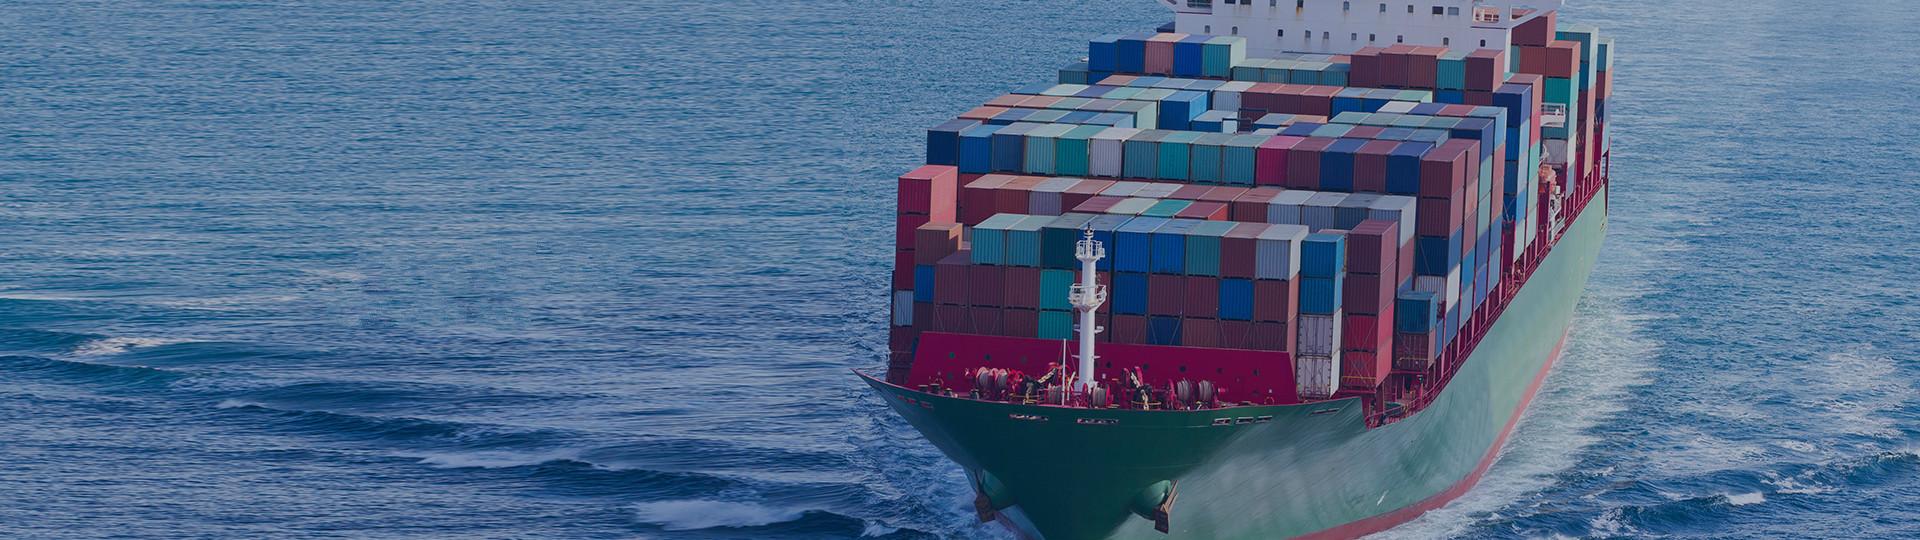 国际进出口清关报关物流供应链公司